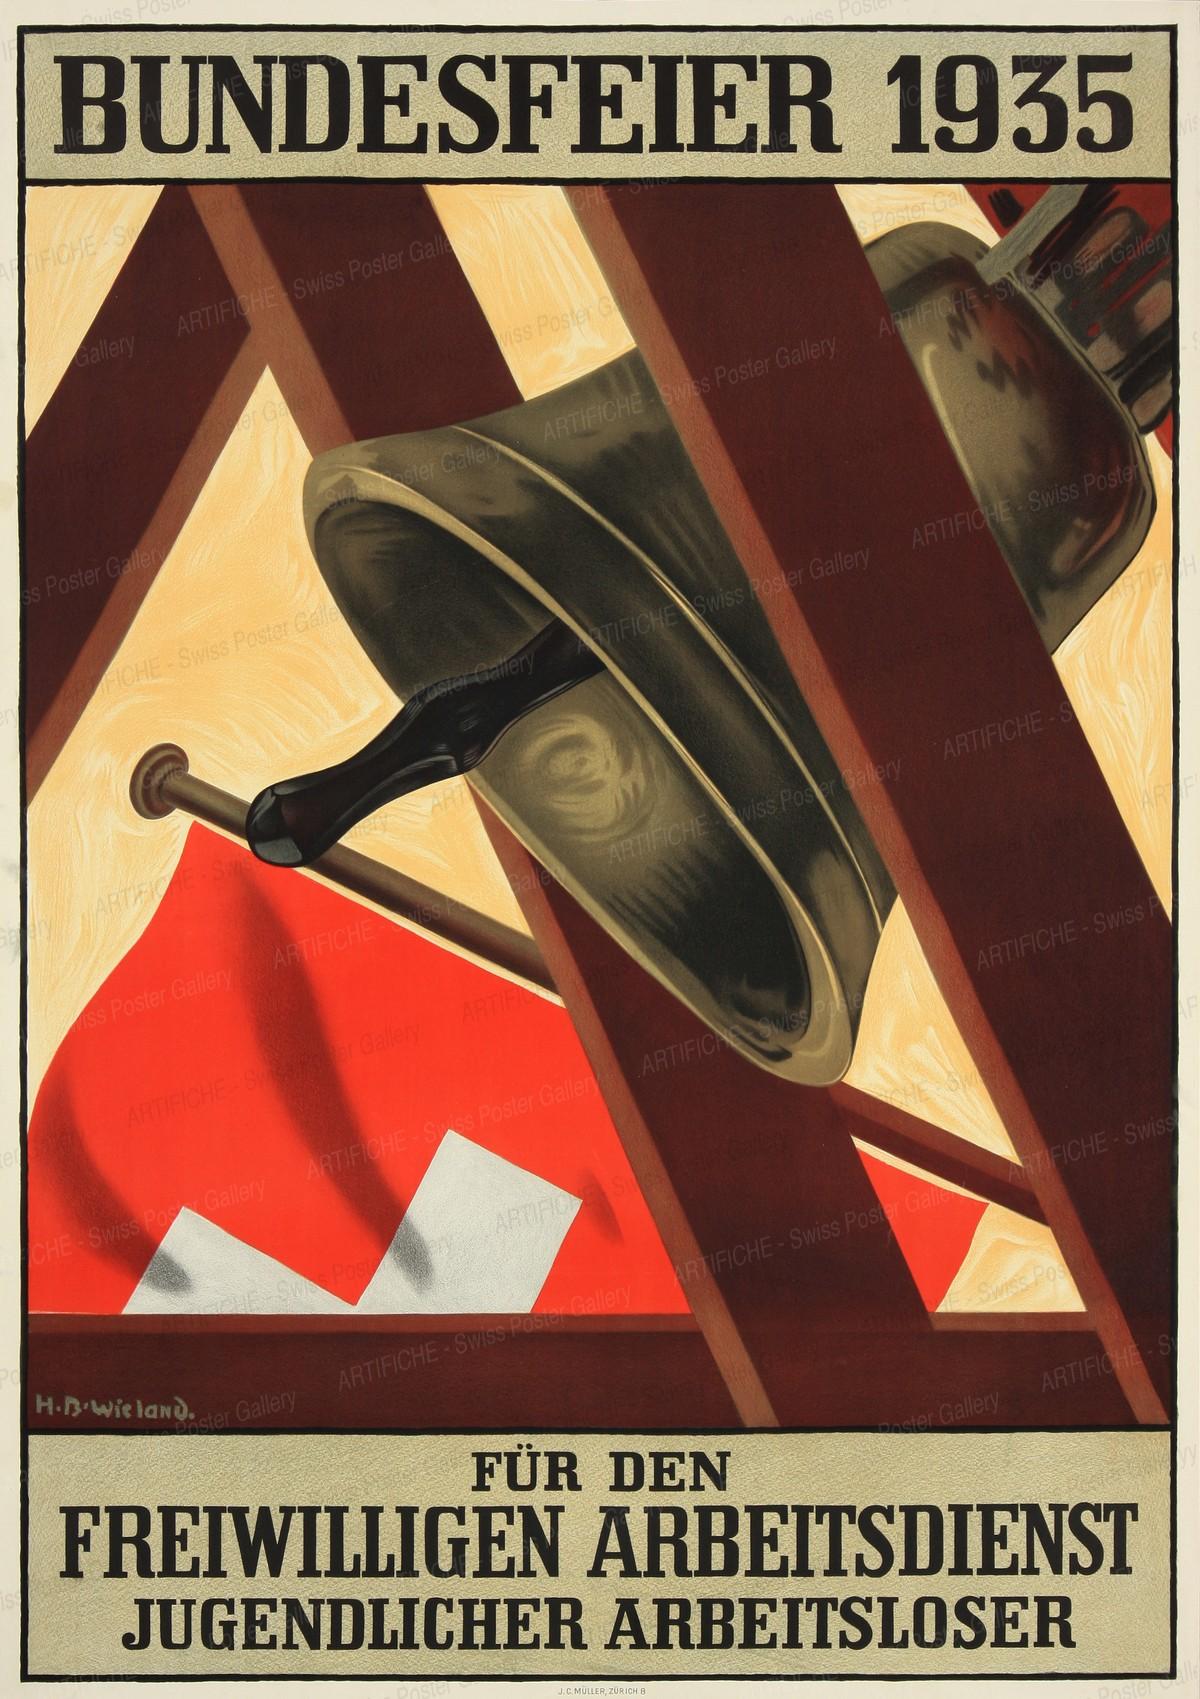 Bundesfeier 1935 – Für den freiwilligen Arbeitsdienst jugendlicher Arbeitsloser, Hans Beat Wieland